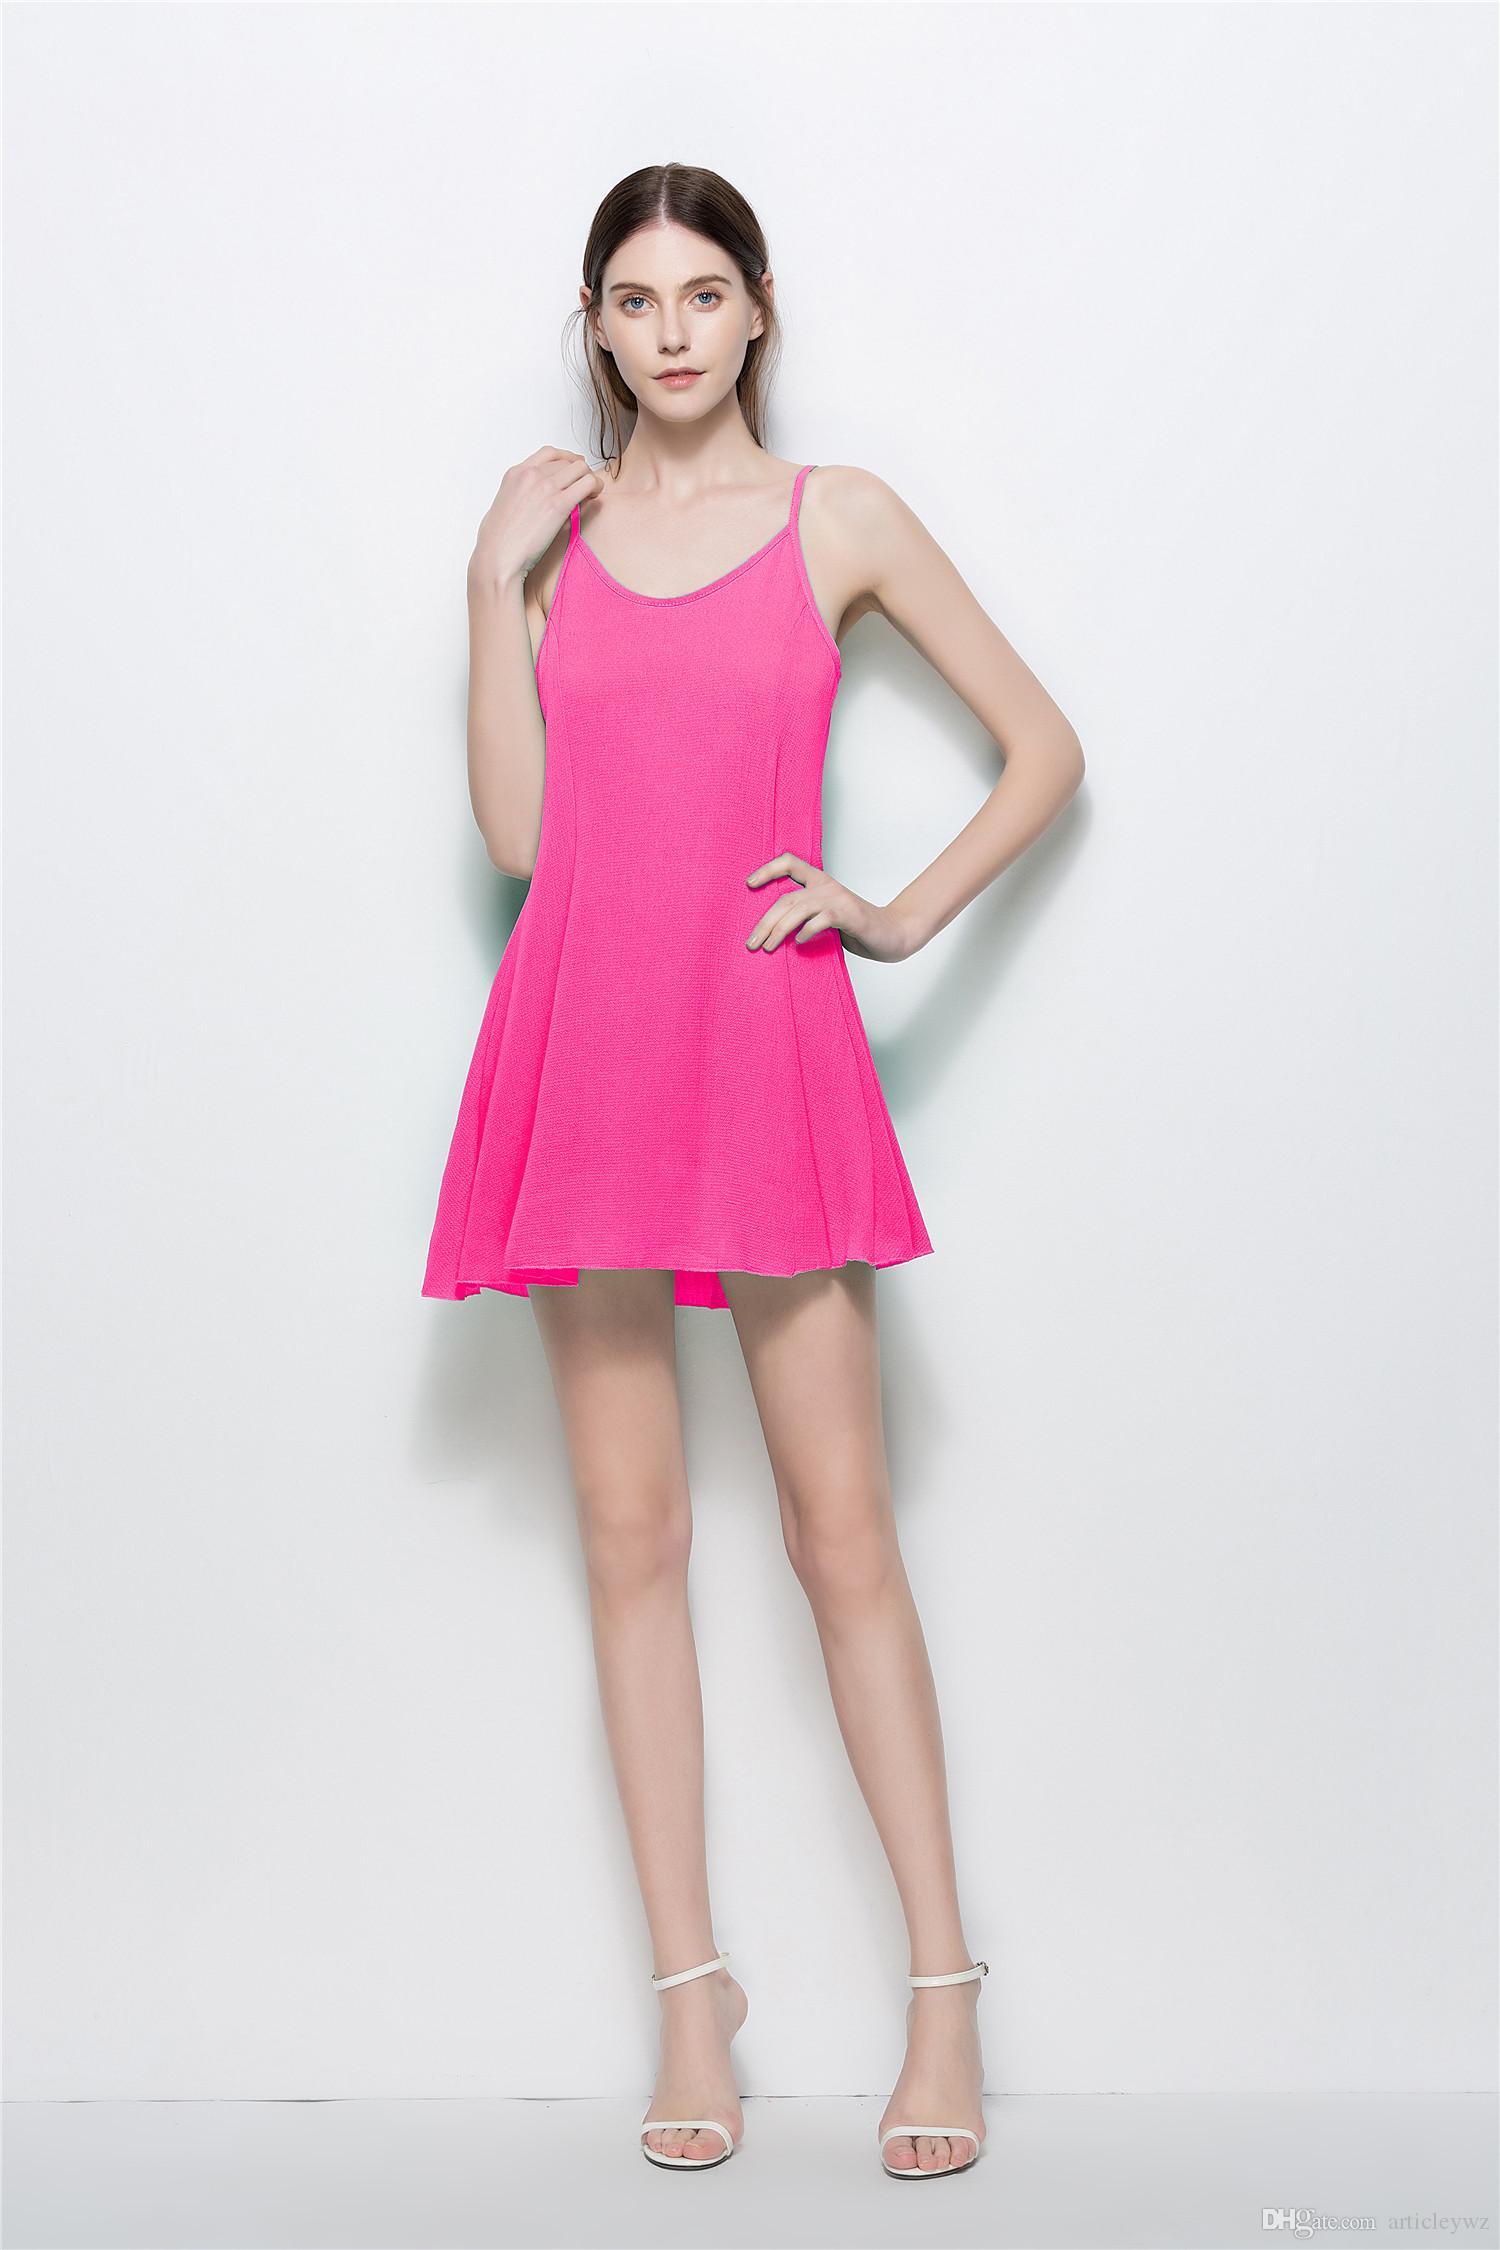 Único Vestidos De Dama De Color Rosa Y Verde Azulado Fotos ...